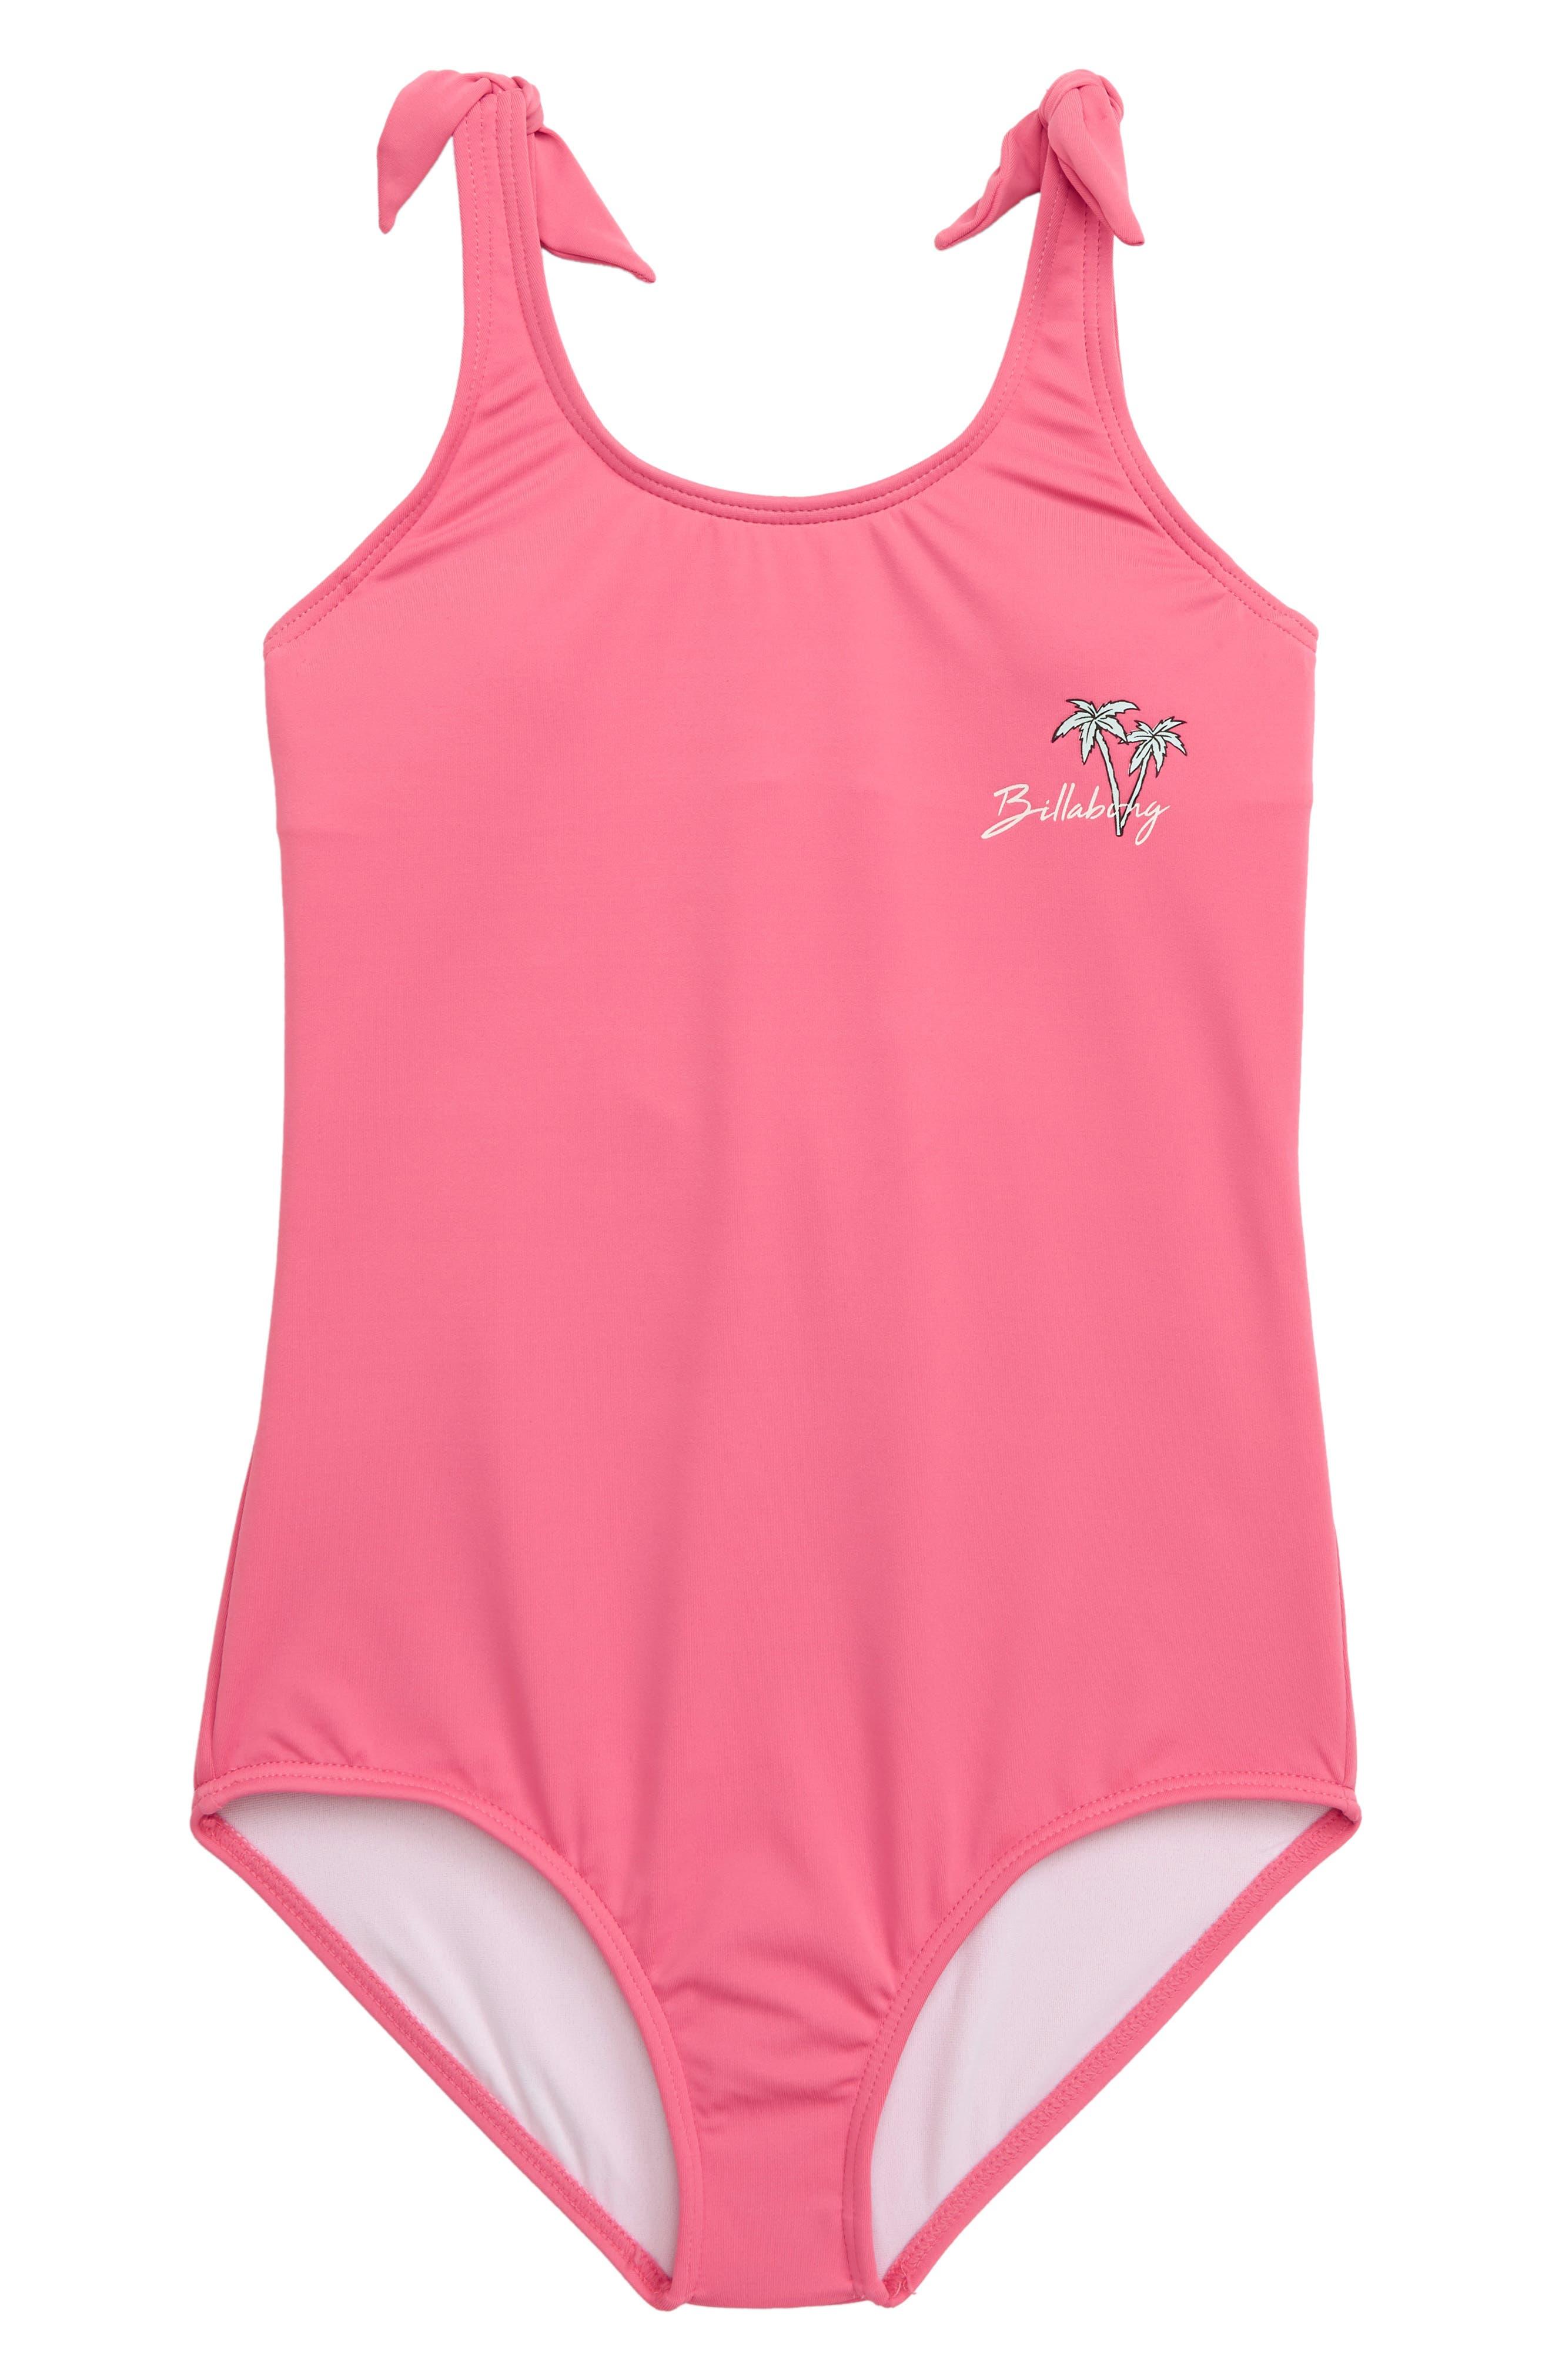 Girls Billabong Sol Searcher OnePiece Swimsuit